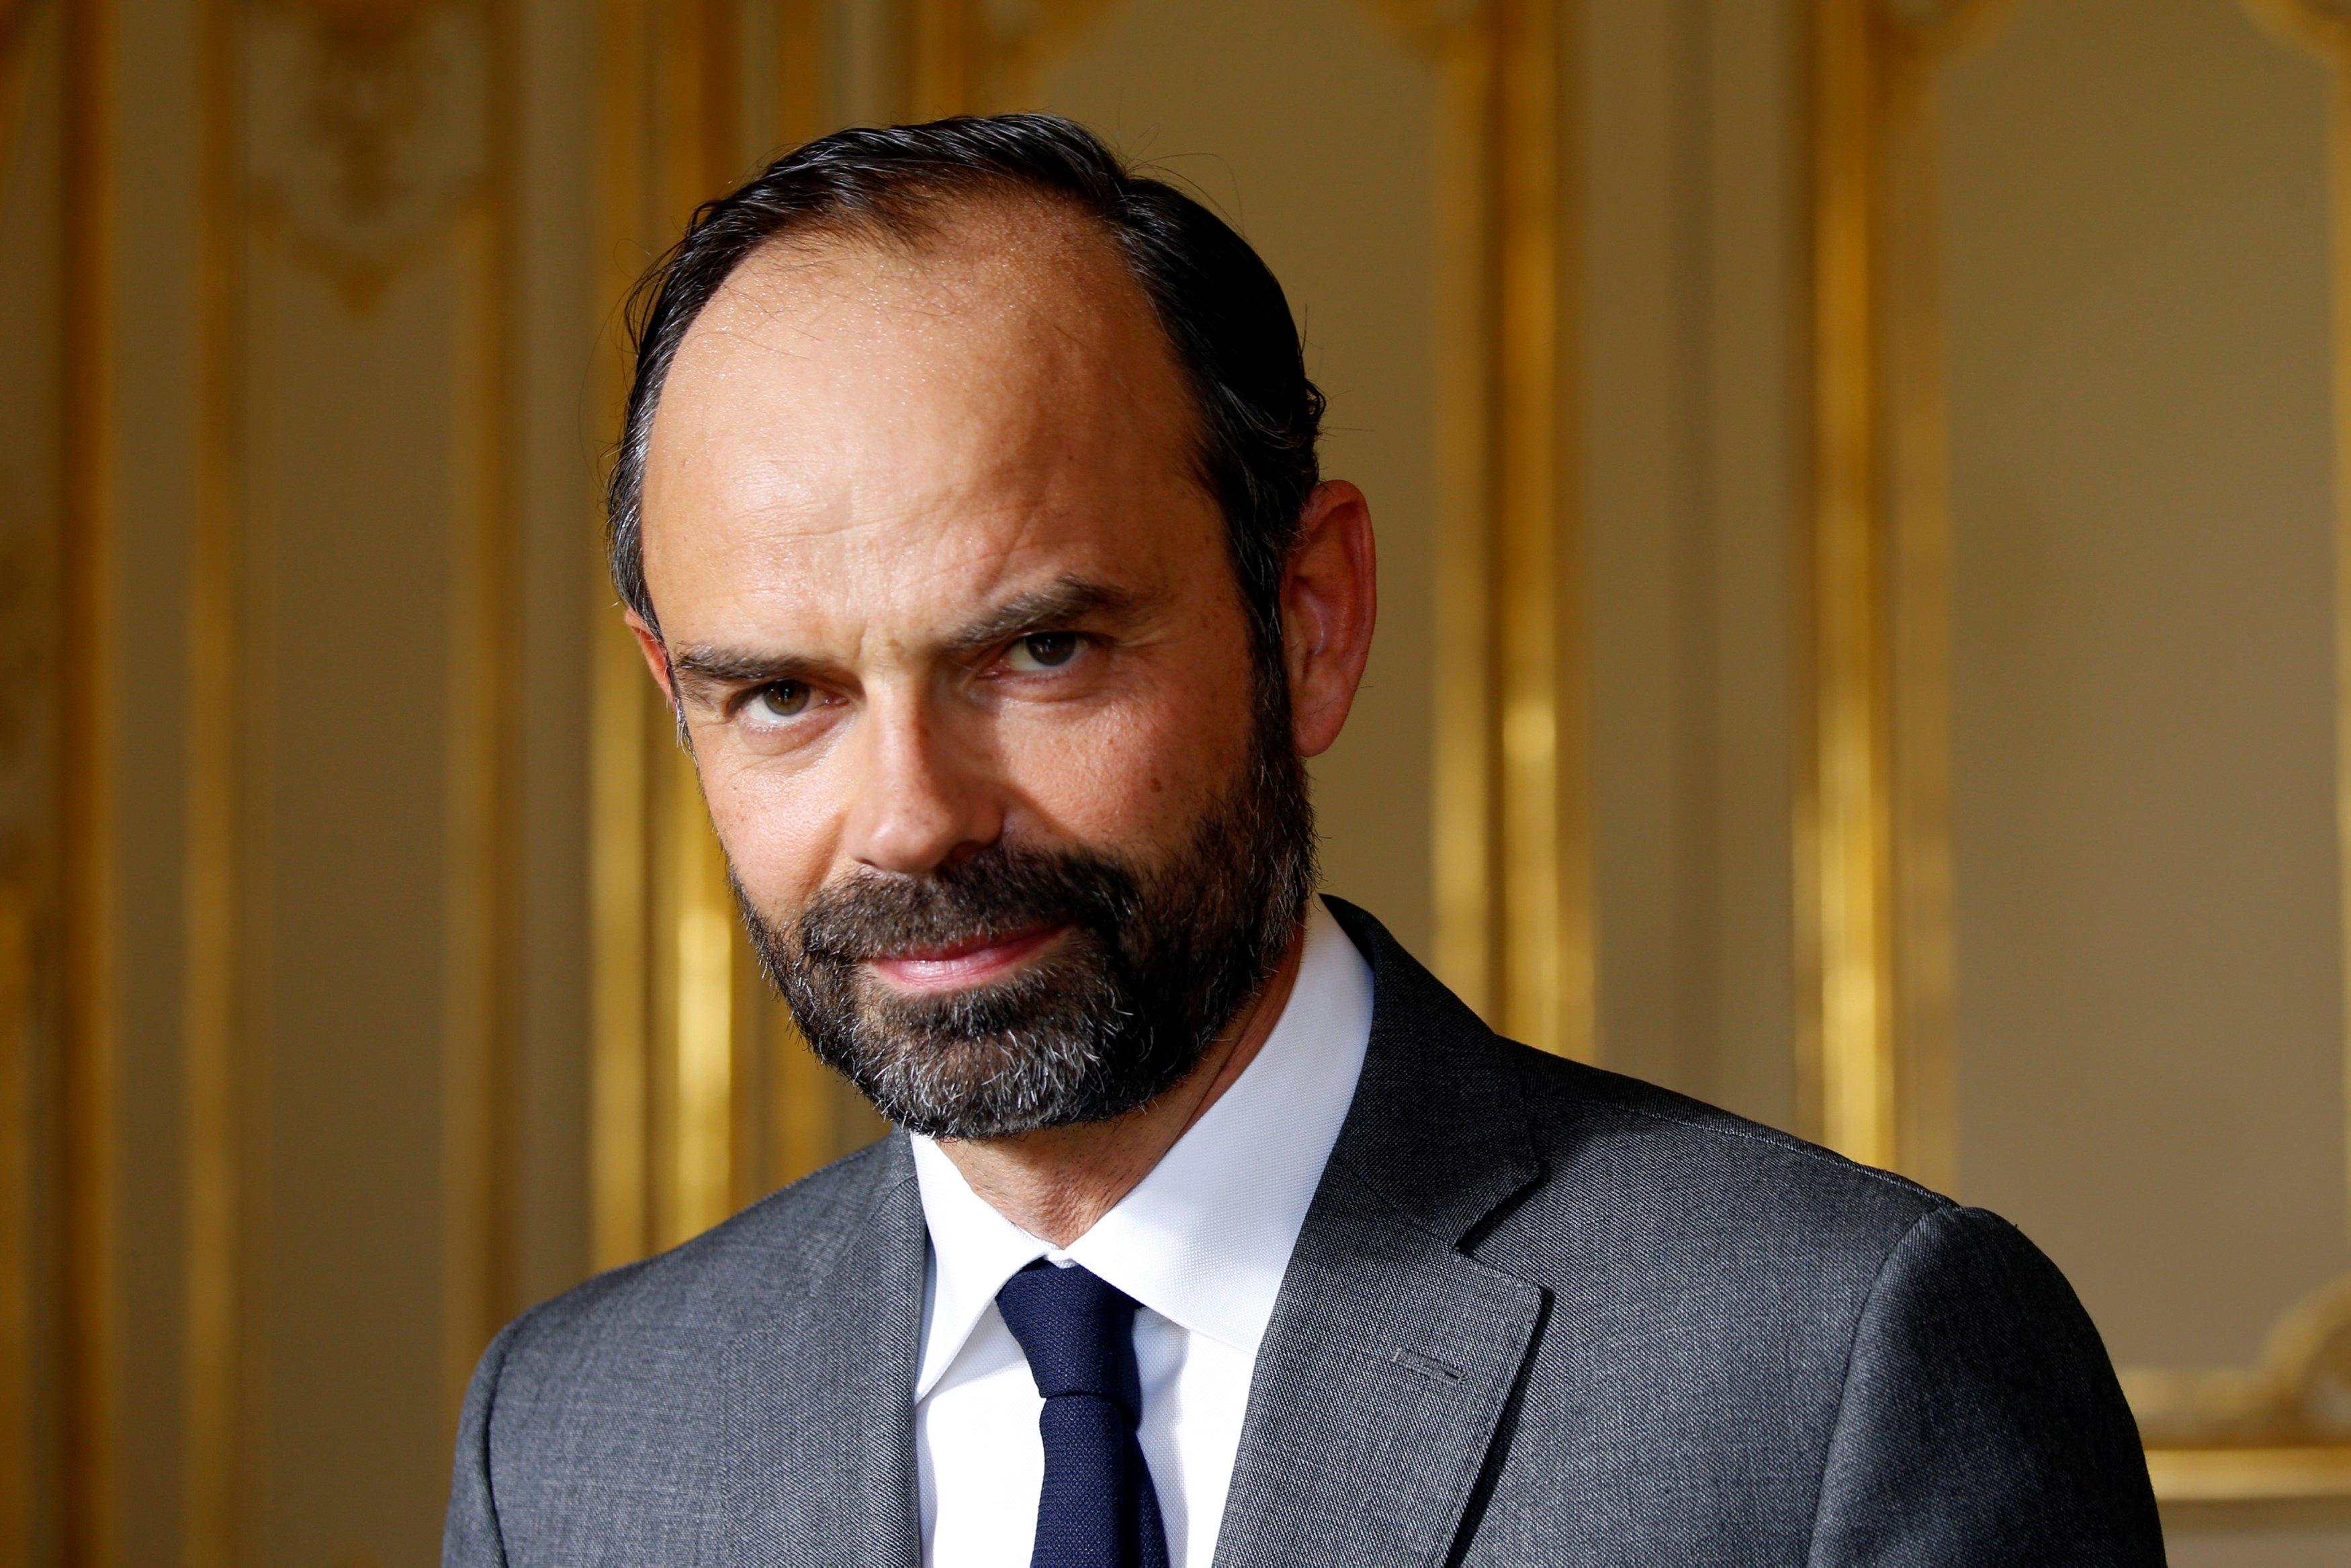 رئيس وزراء فرنسا يشارك في منتدى داكار للأمن والسلم بالسنغال